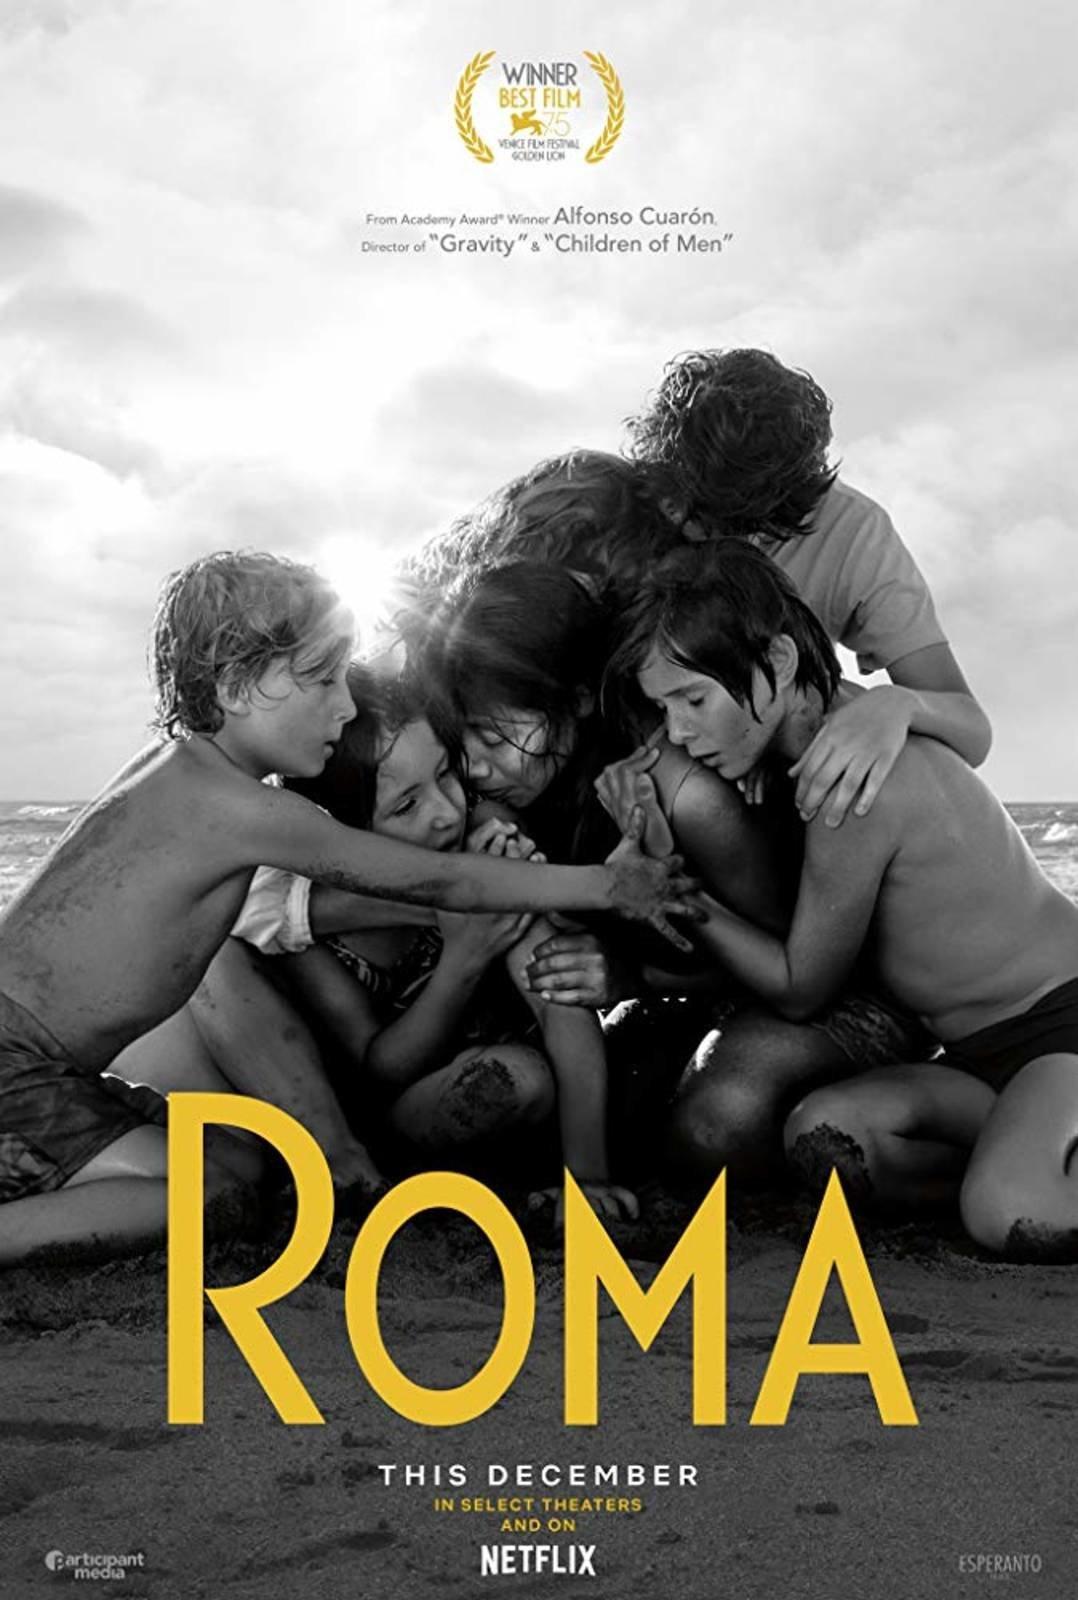 로마(ROMA) - 필름에 담긴 작은